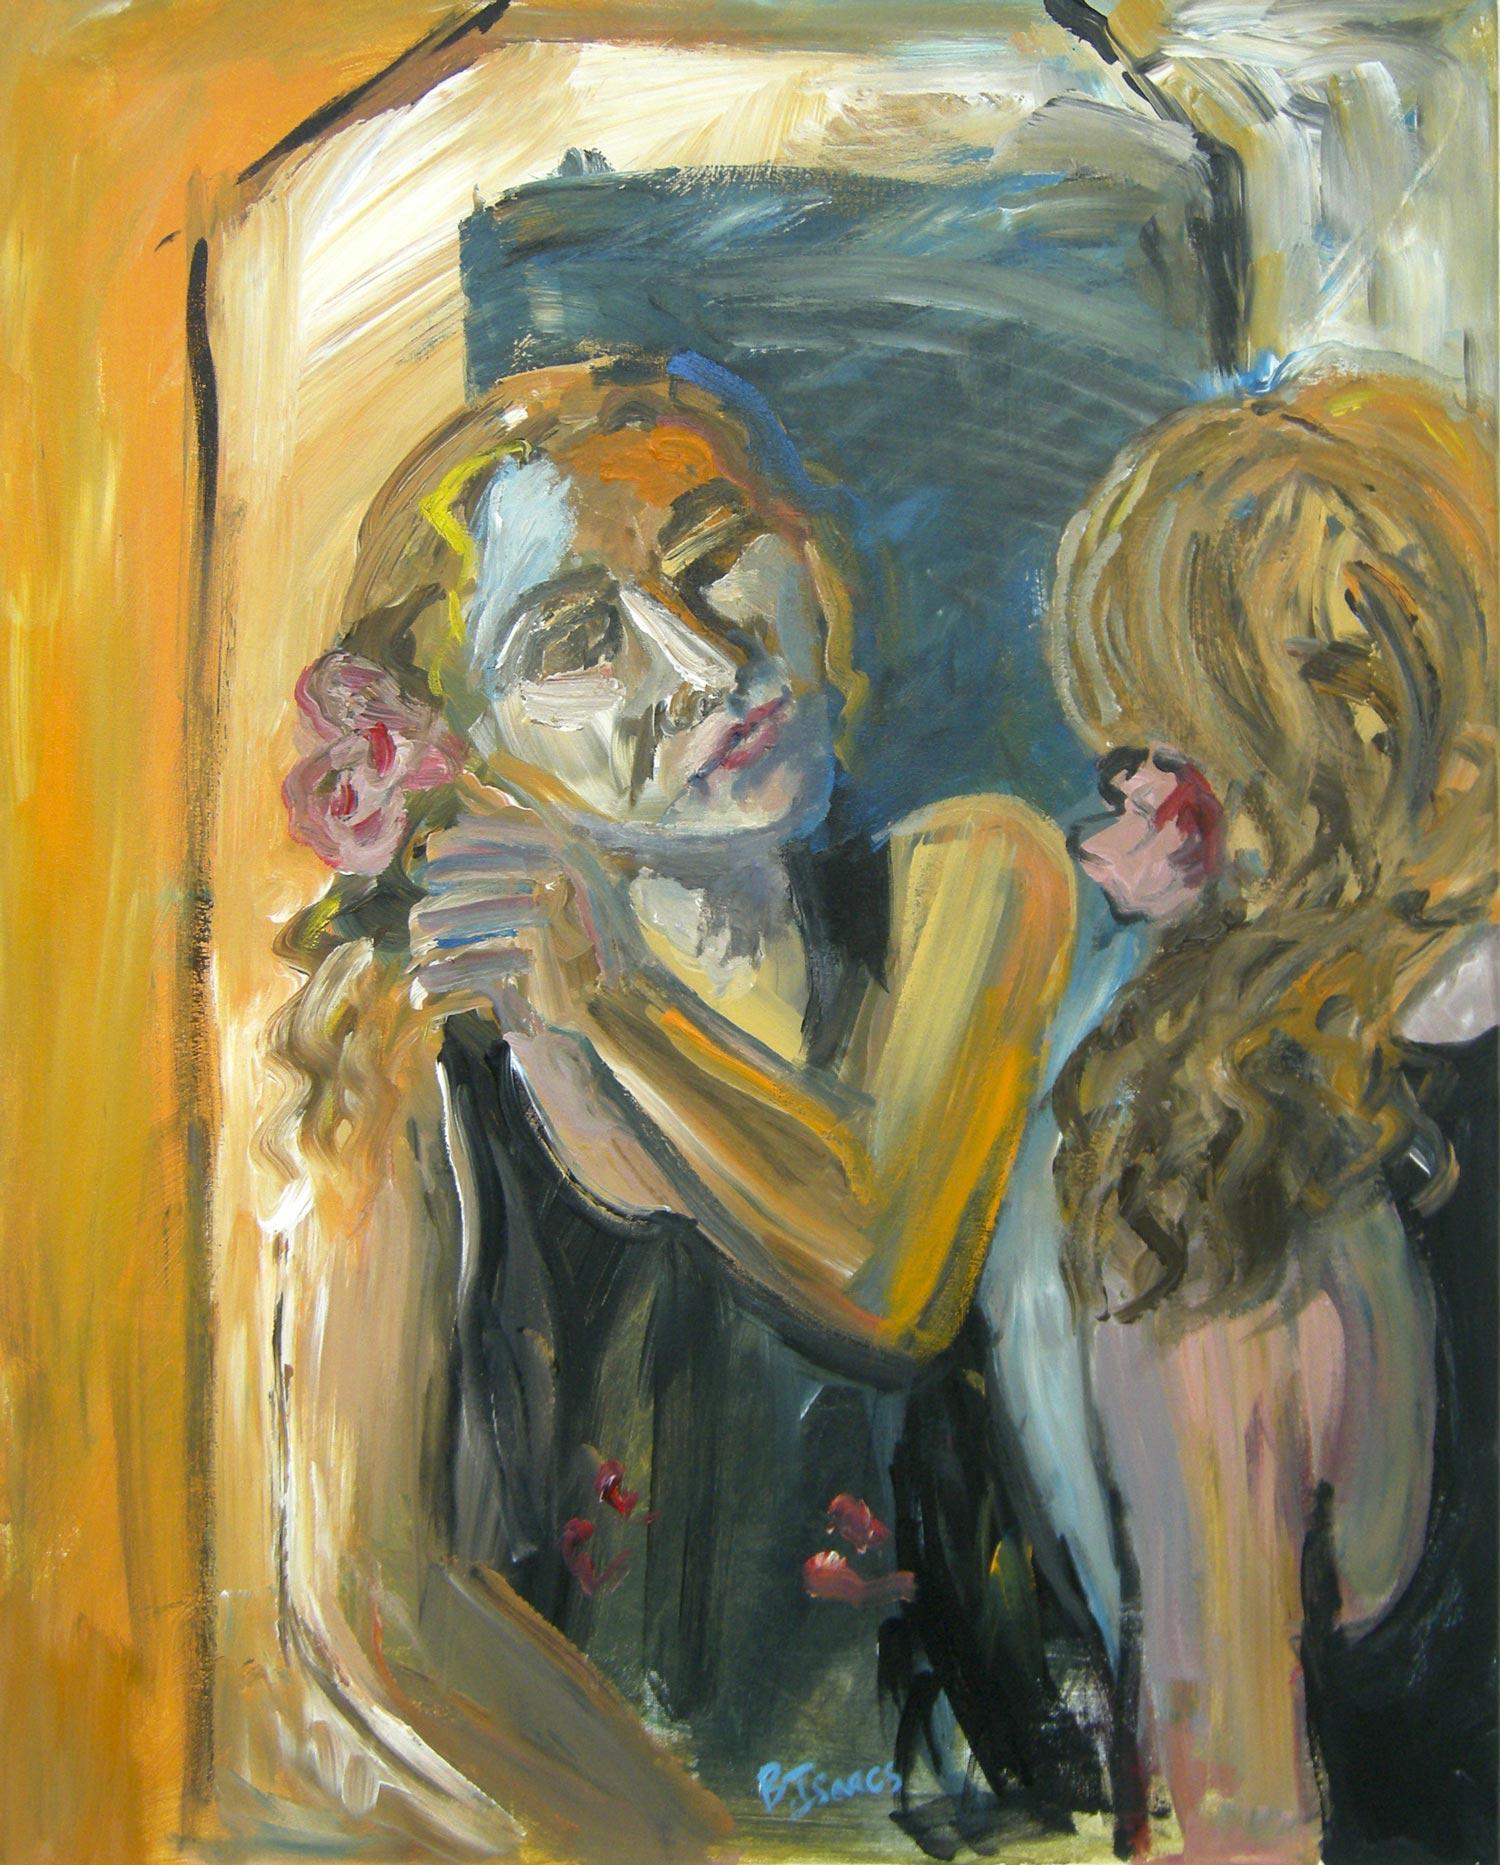 MESSY PRETTY  Acrylic on Canvas   61 x 76 cm   2012